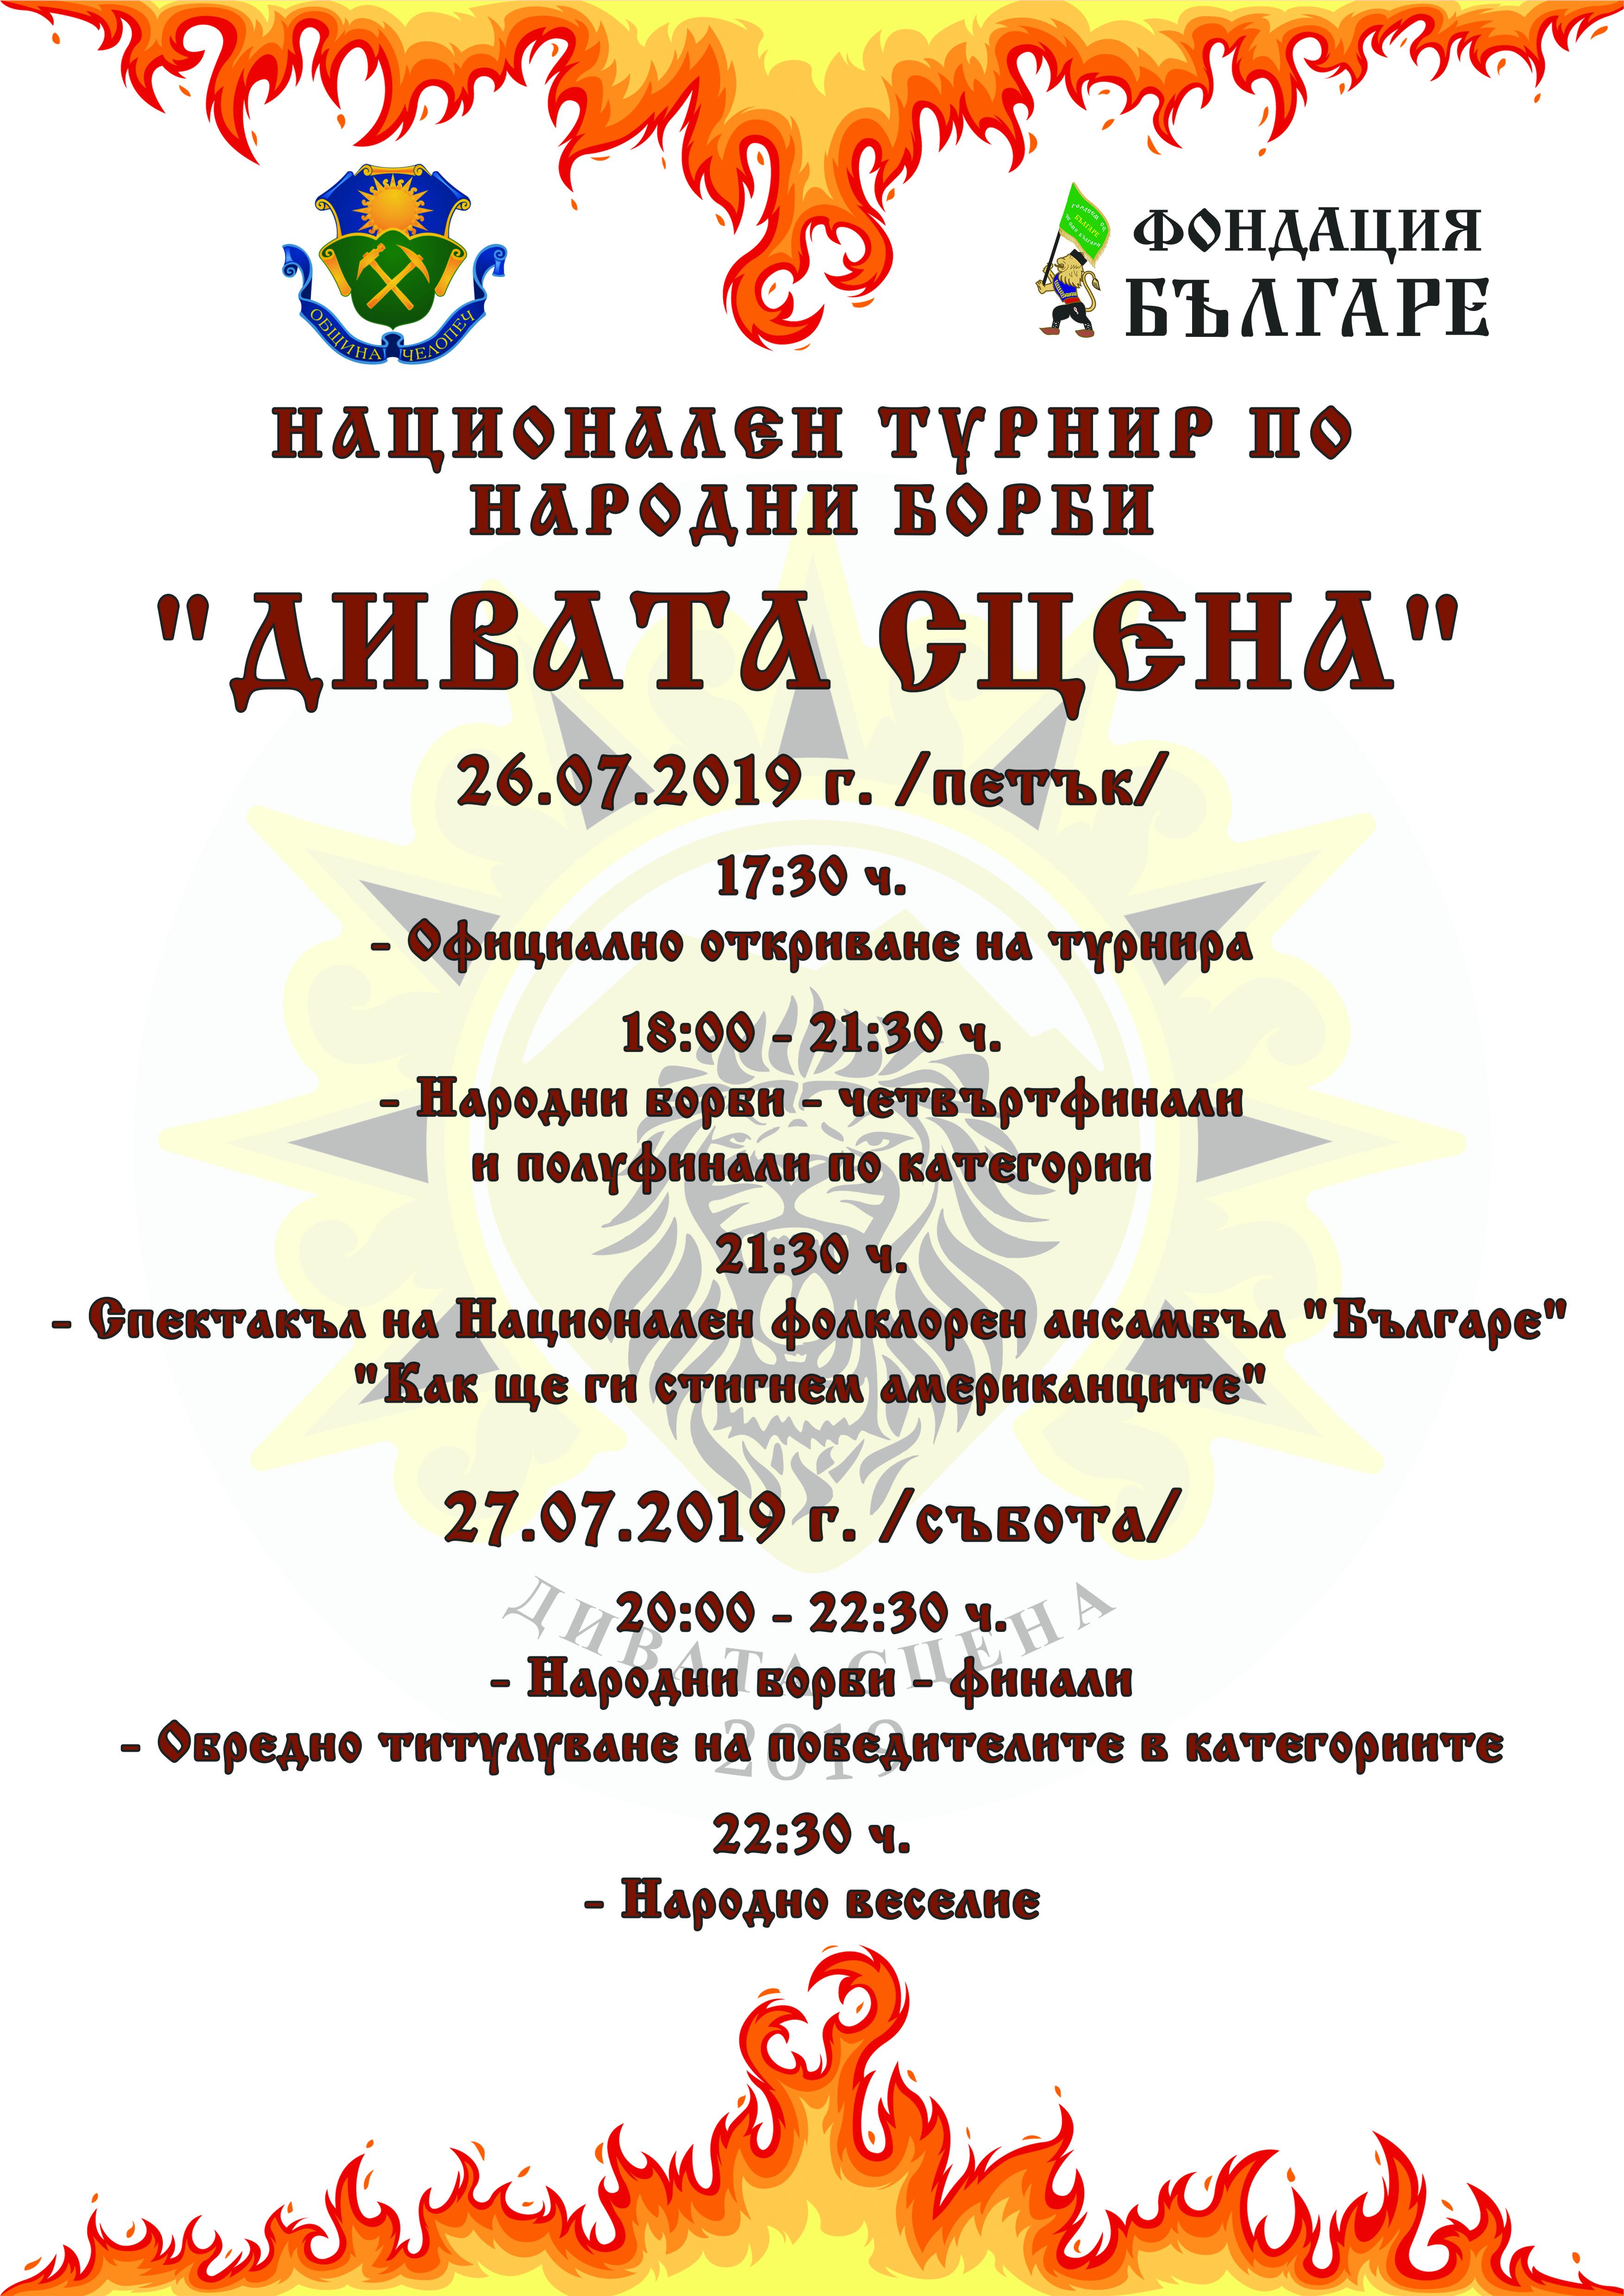 плакат_борби_2019.jpg